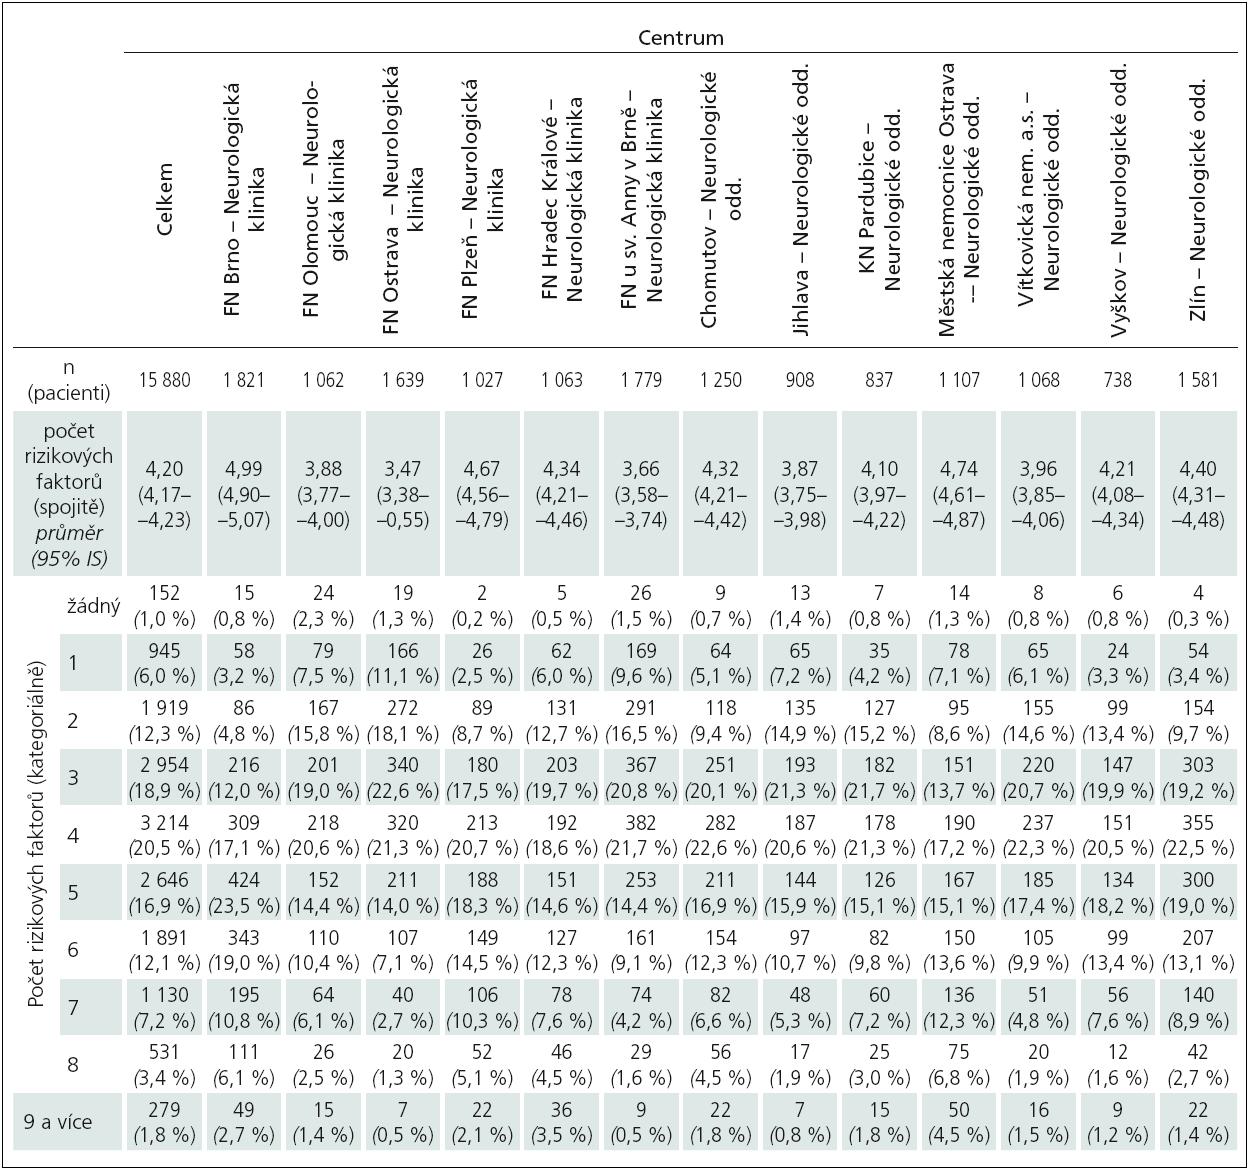 Počty rizikových faktorů podle center.